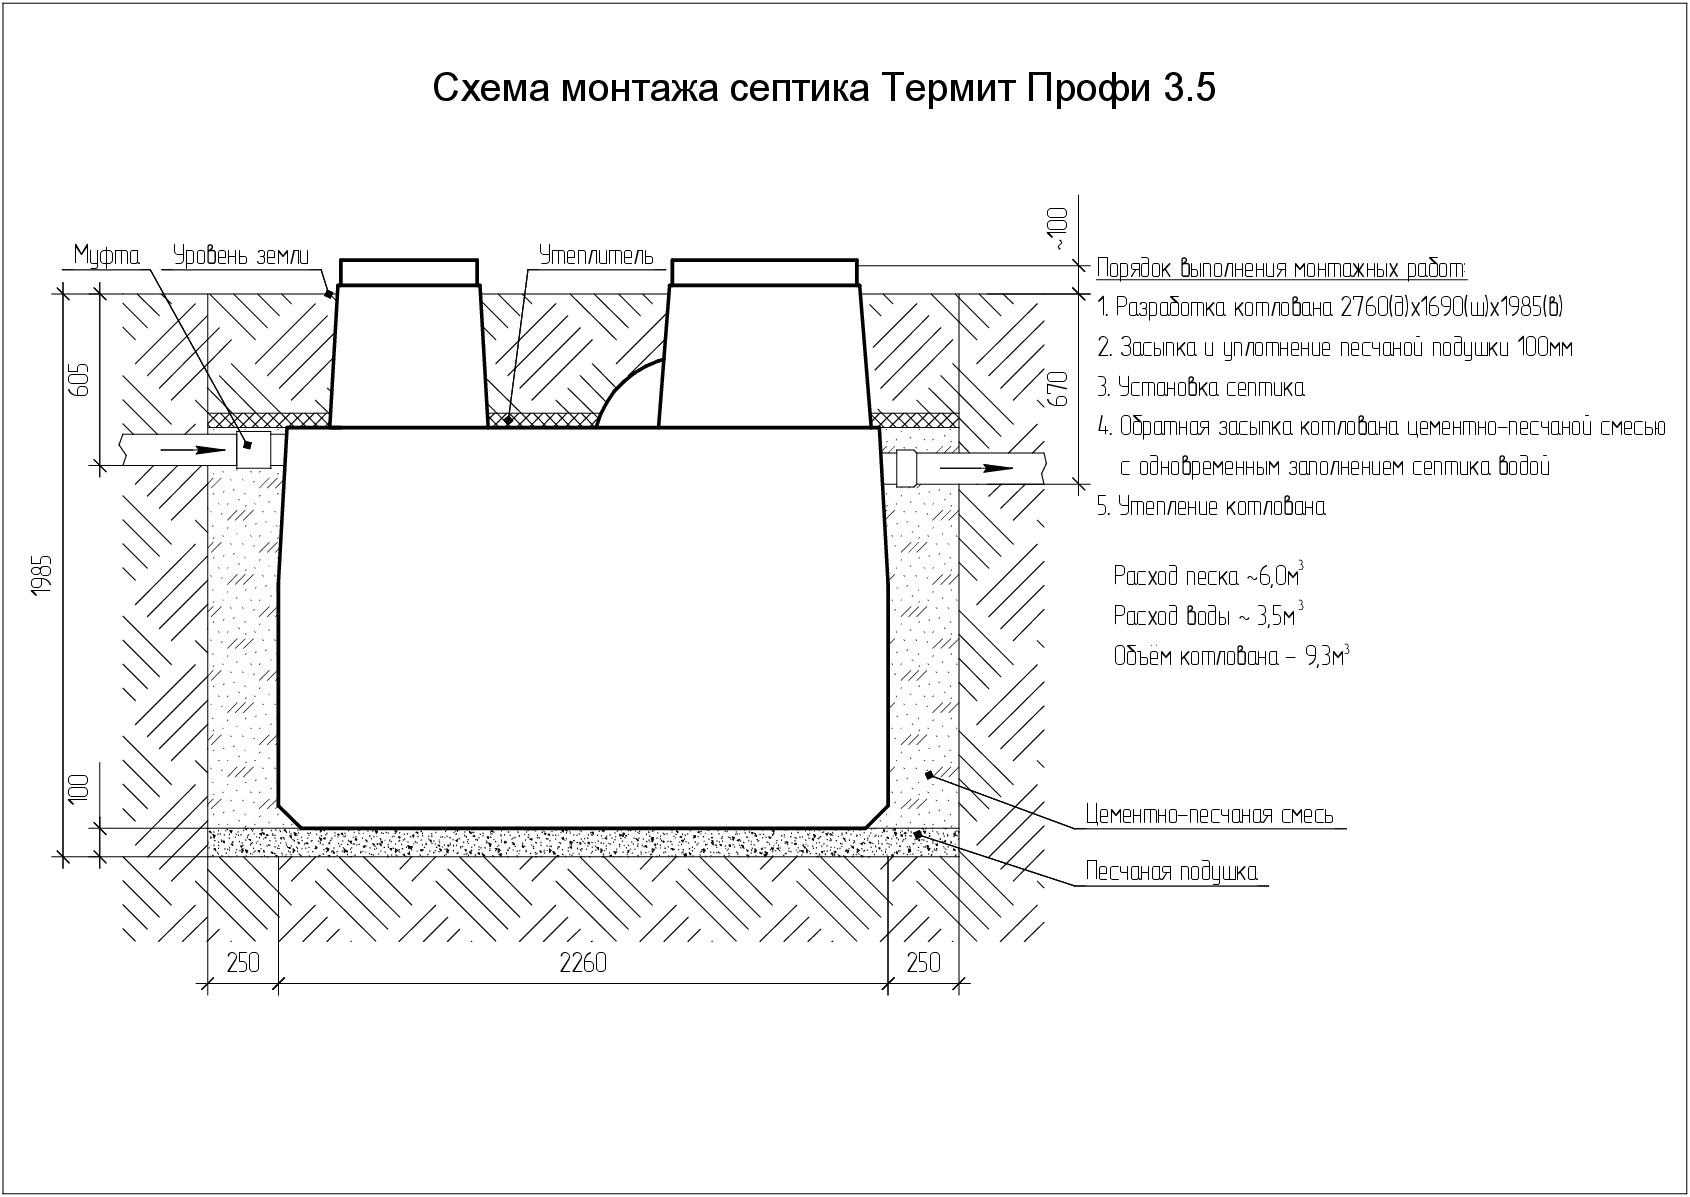 Что лучше, септик термит или танк: сравнение септиков, их характеристик